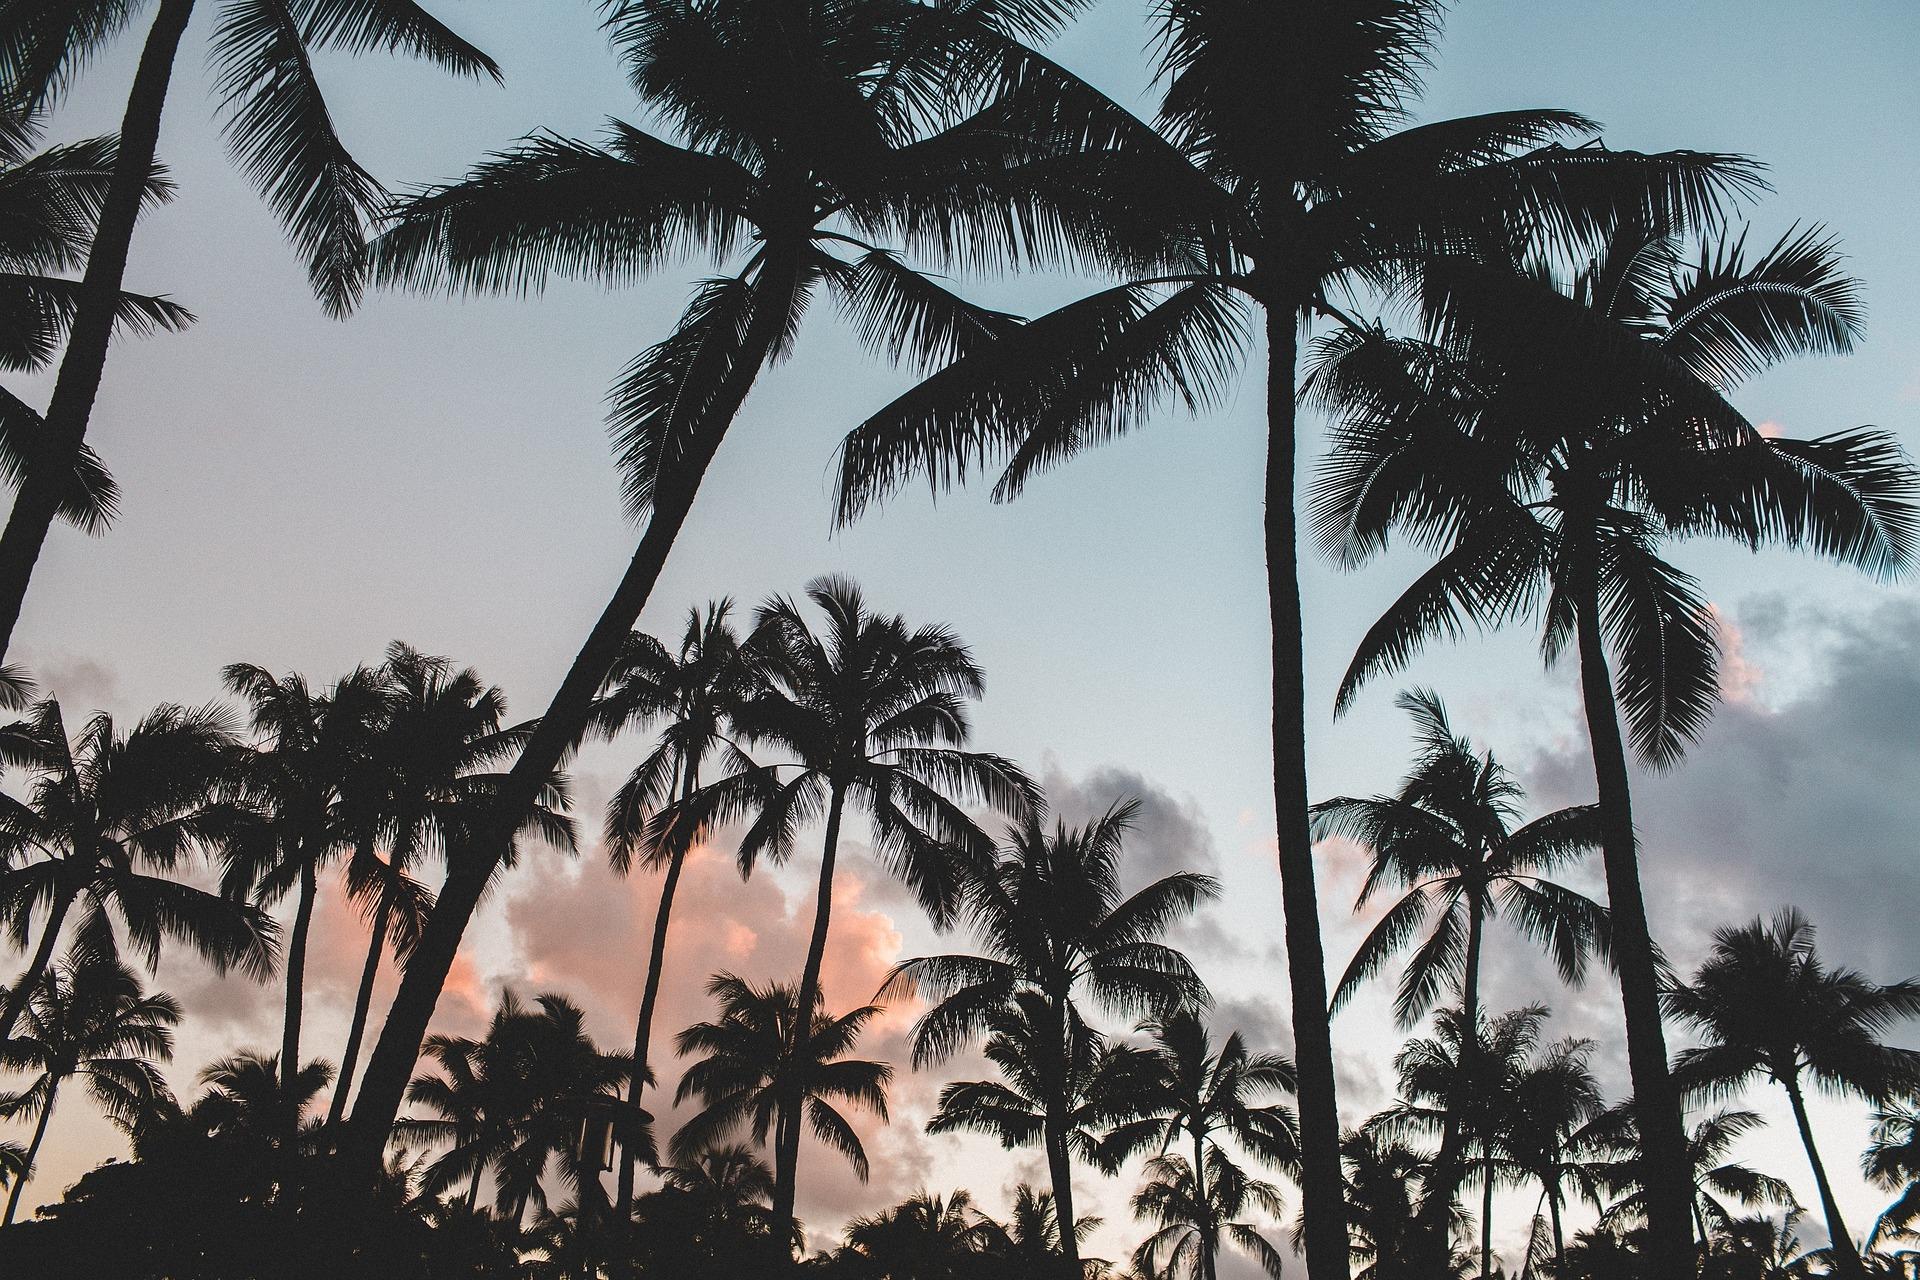 Palmiers, soleil bon pour la peau, intérêt du soleil, nutrition saine, comment avoir une belle peau